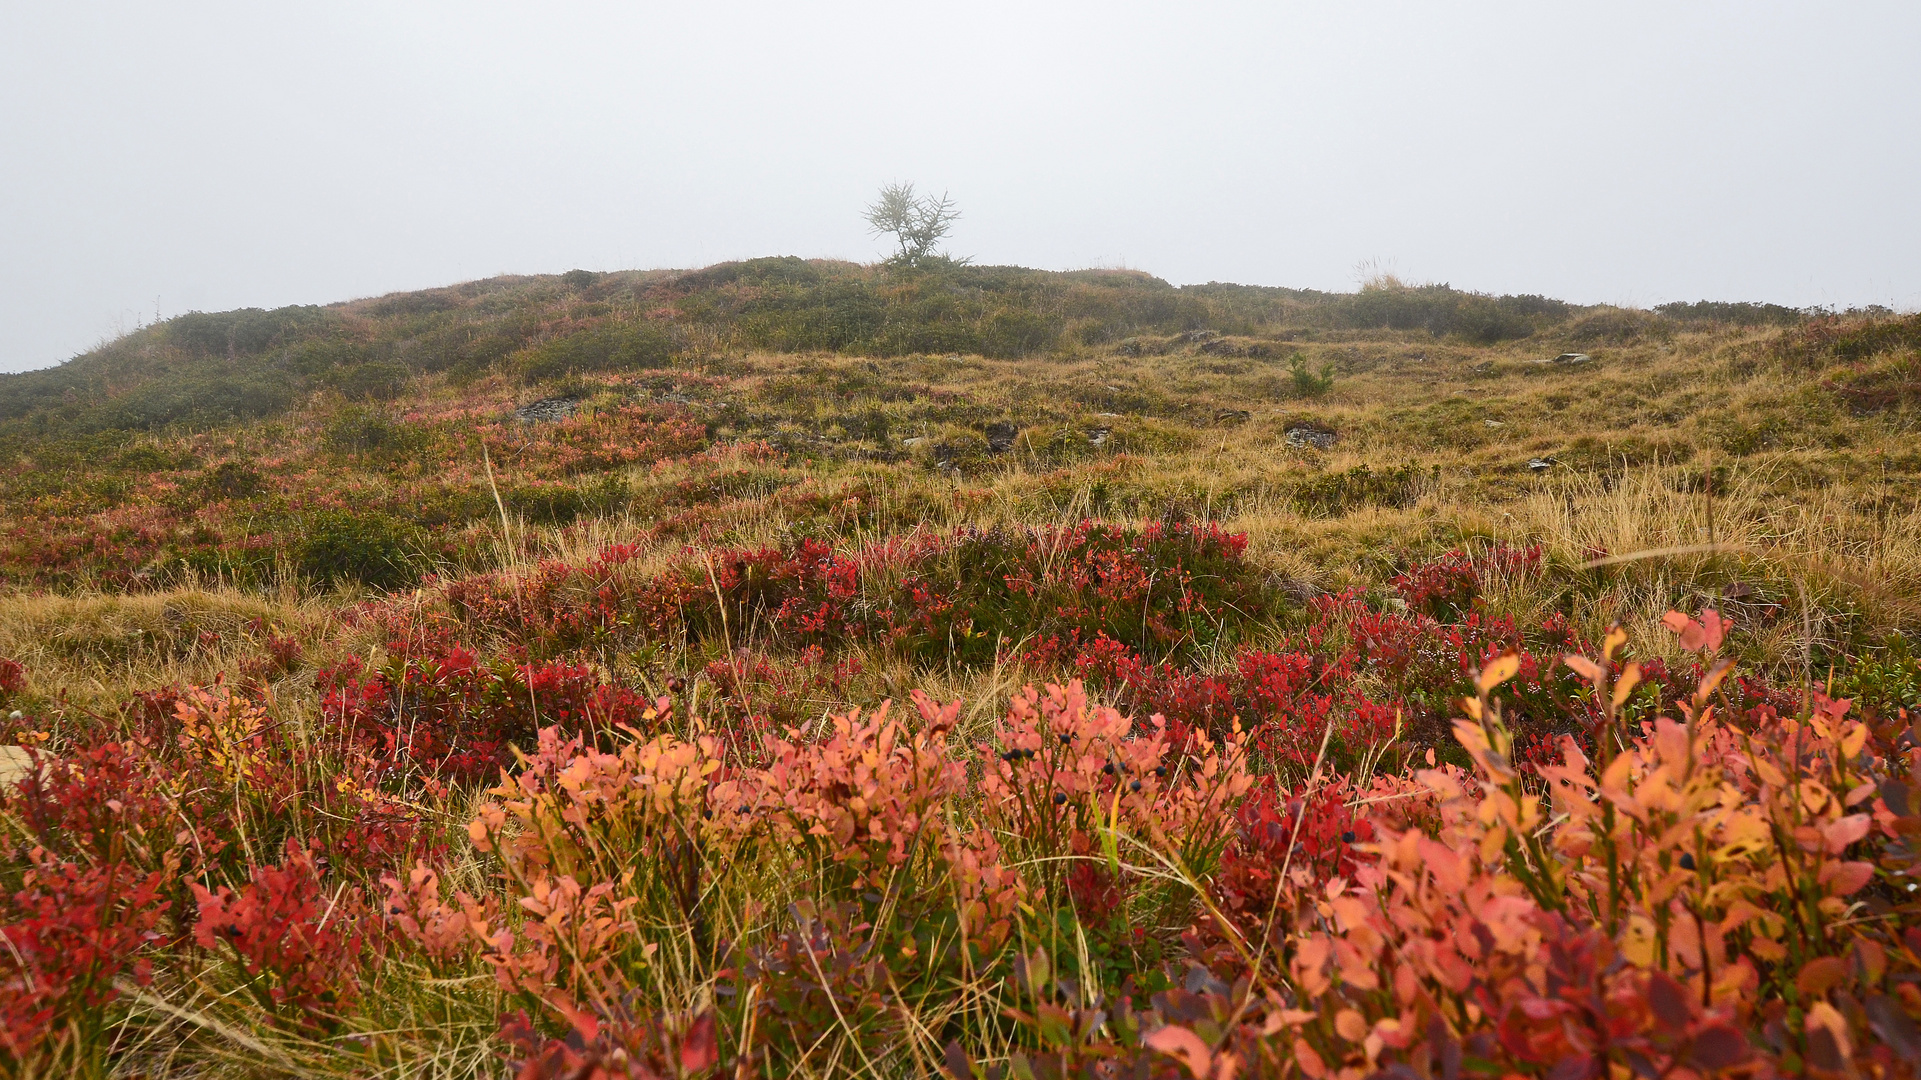 Der Herbst zieht ein...